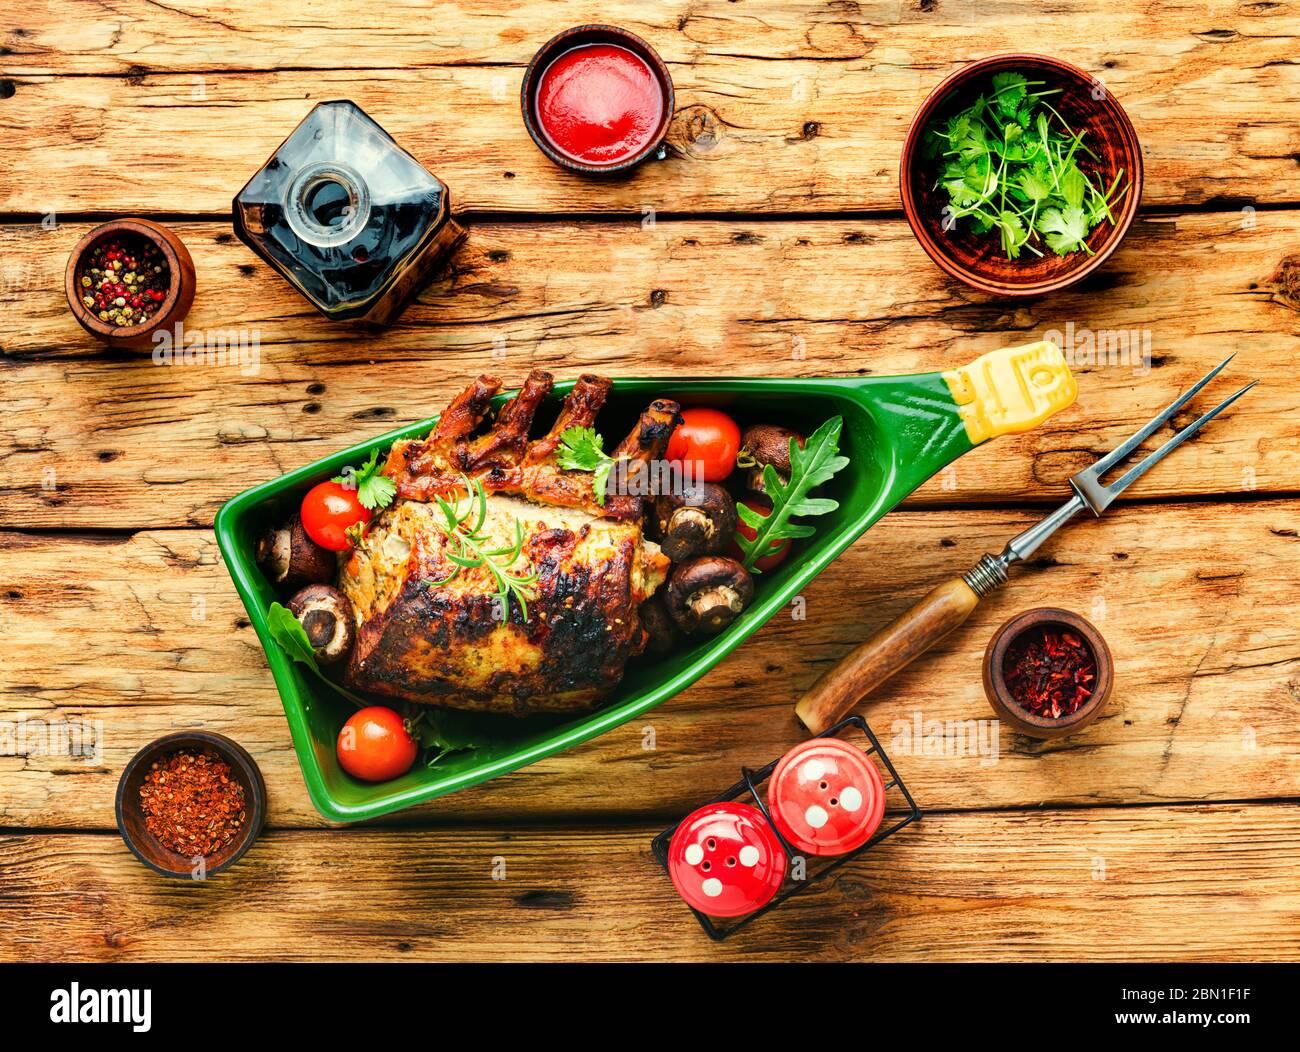 Lomo de cerdo o costilla de cerdo asada con verduras Foto de stock